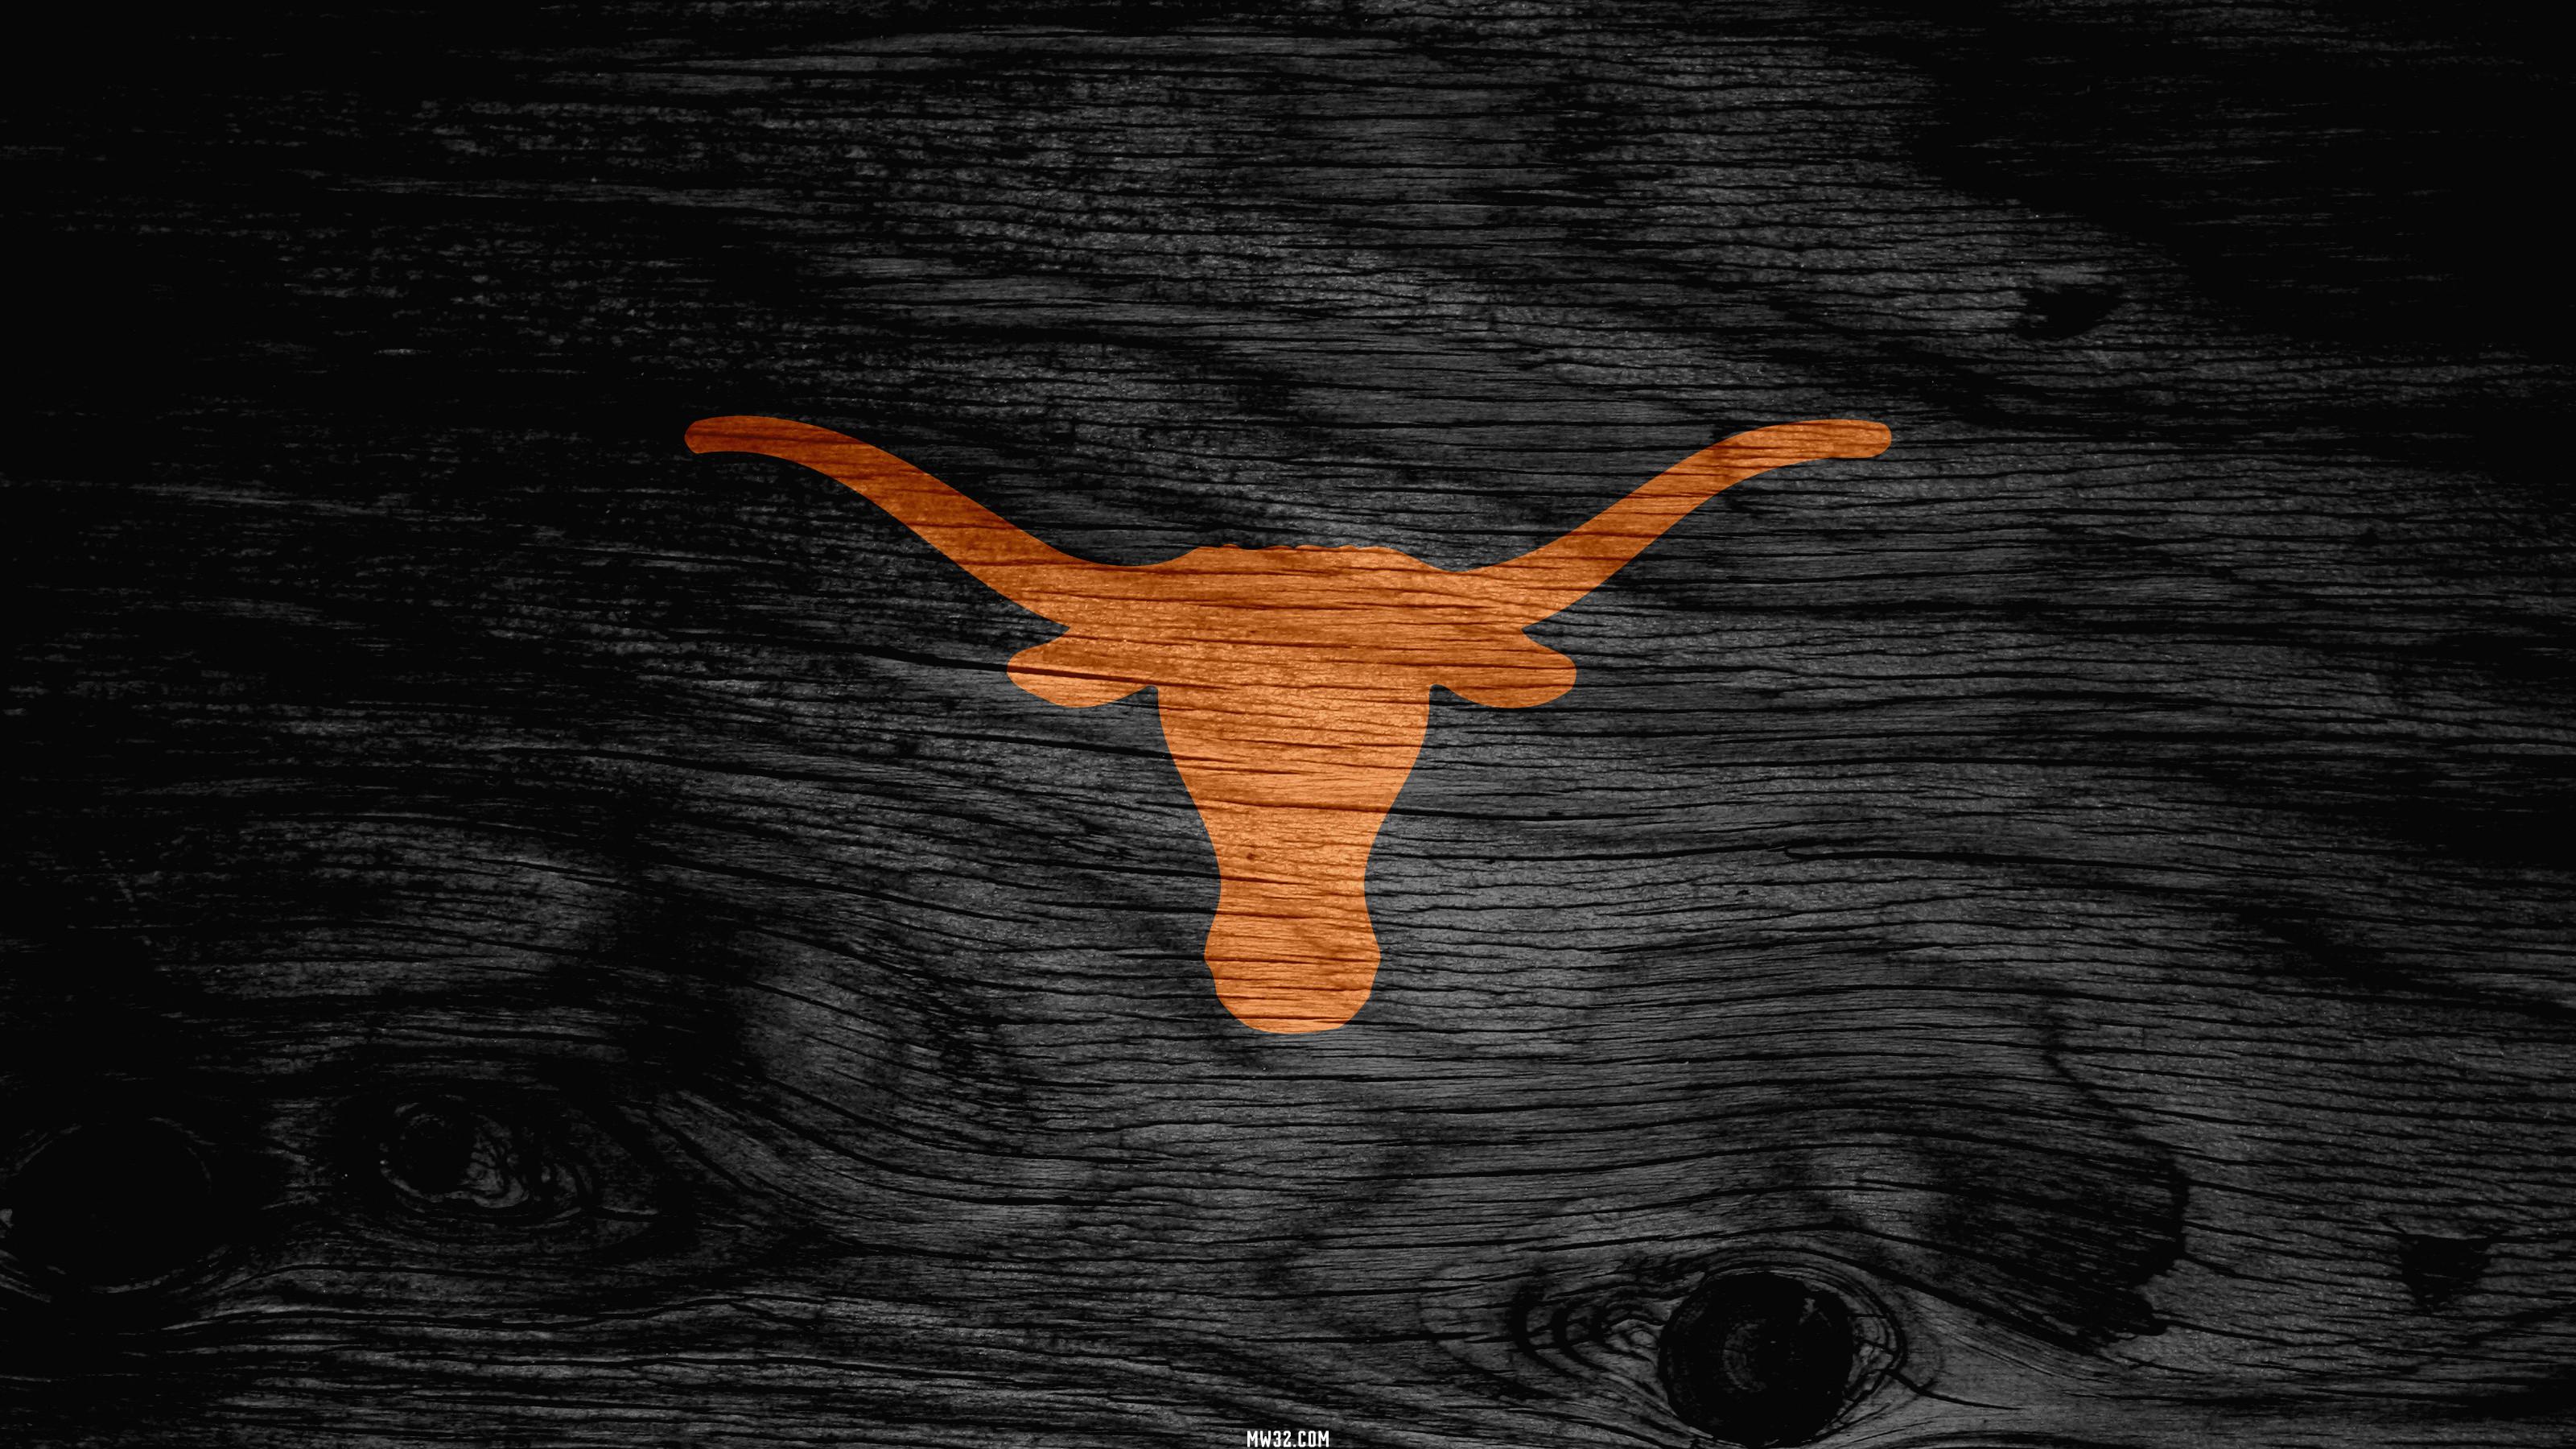 Texas Longhorns Wallpaper 2013 2013 ncaa fbs weathered wood 3201x1800